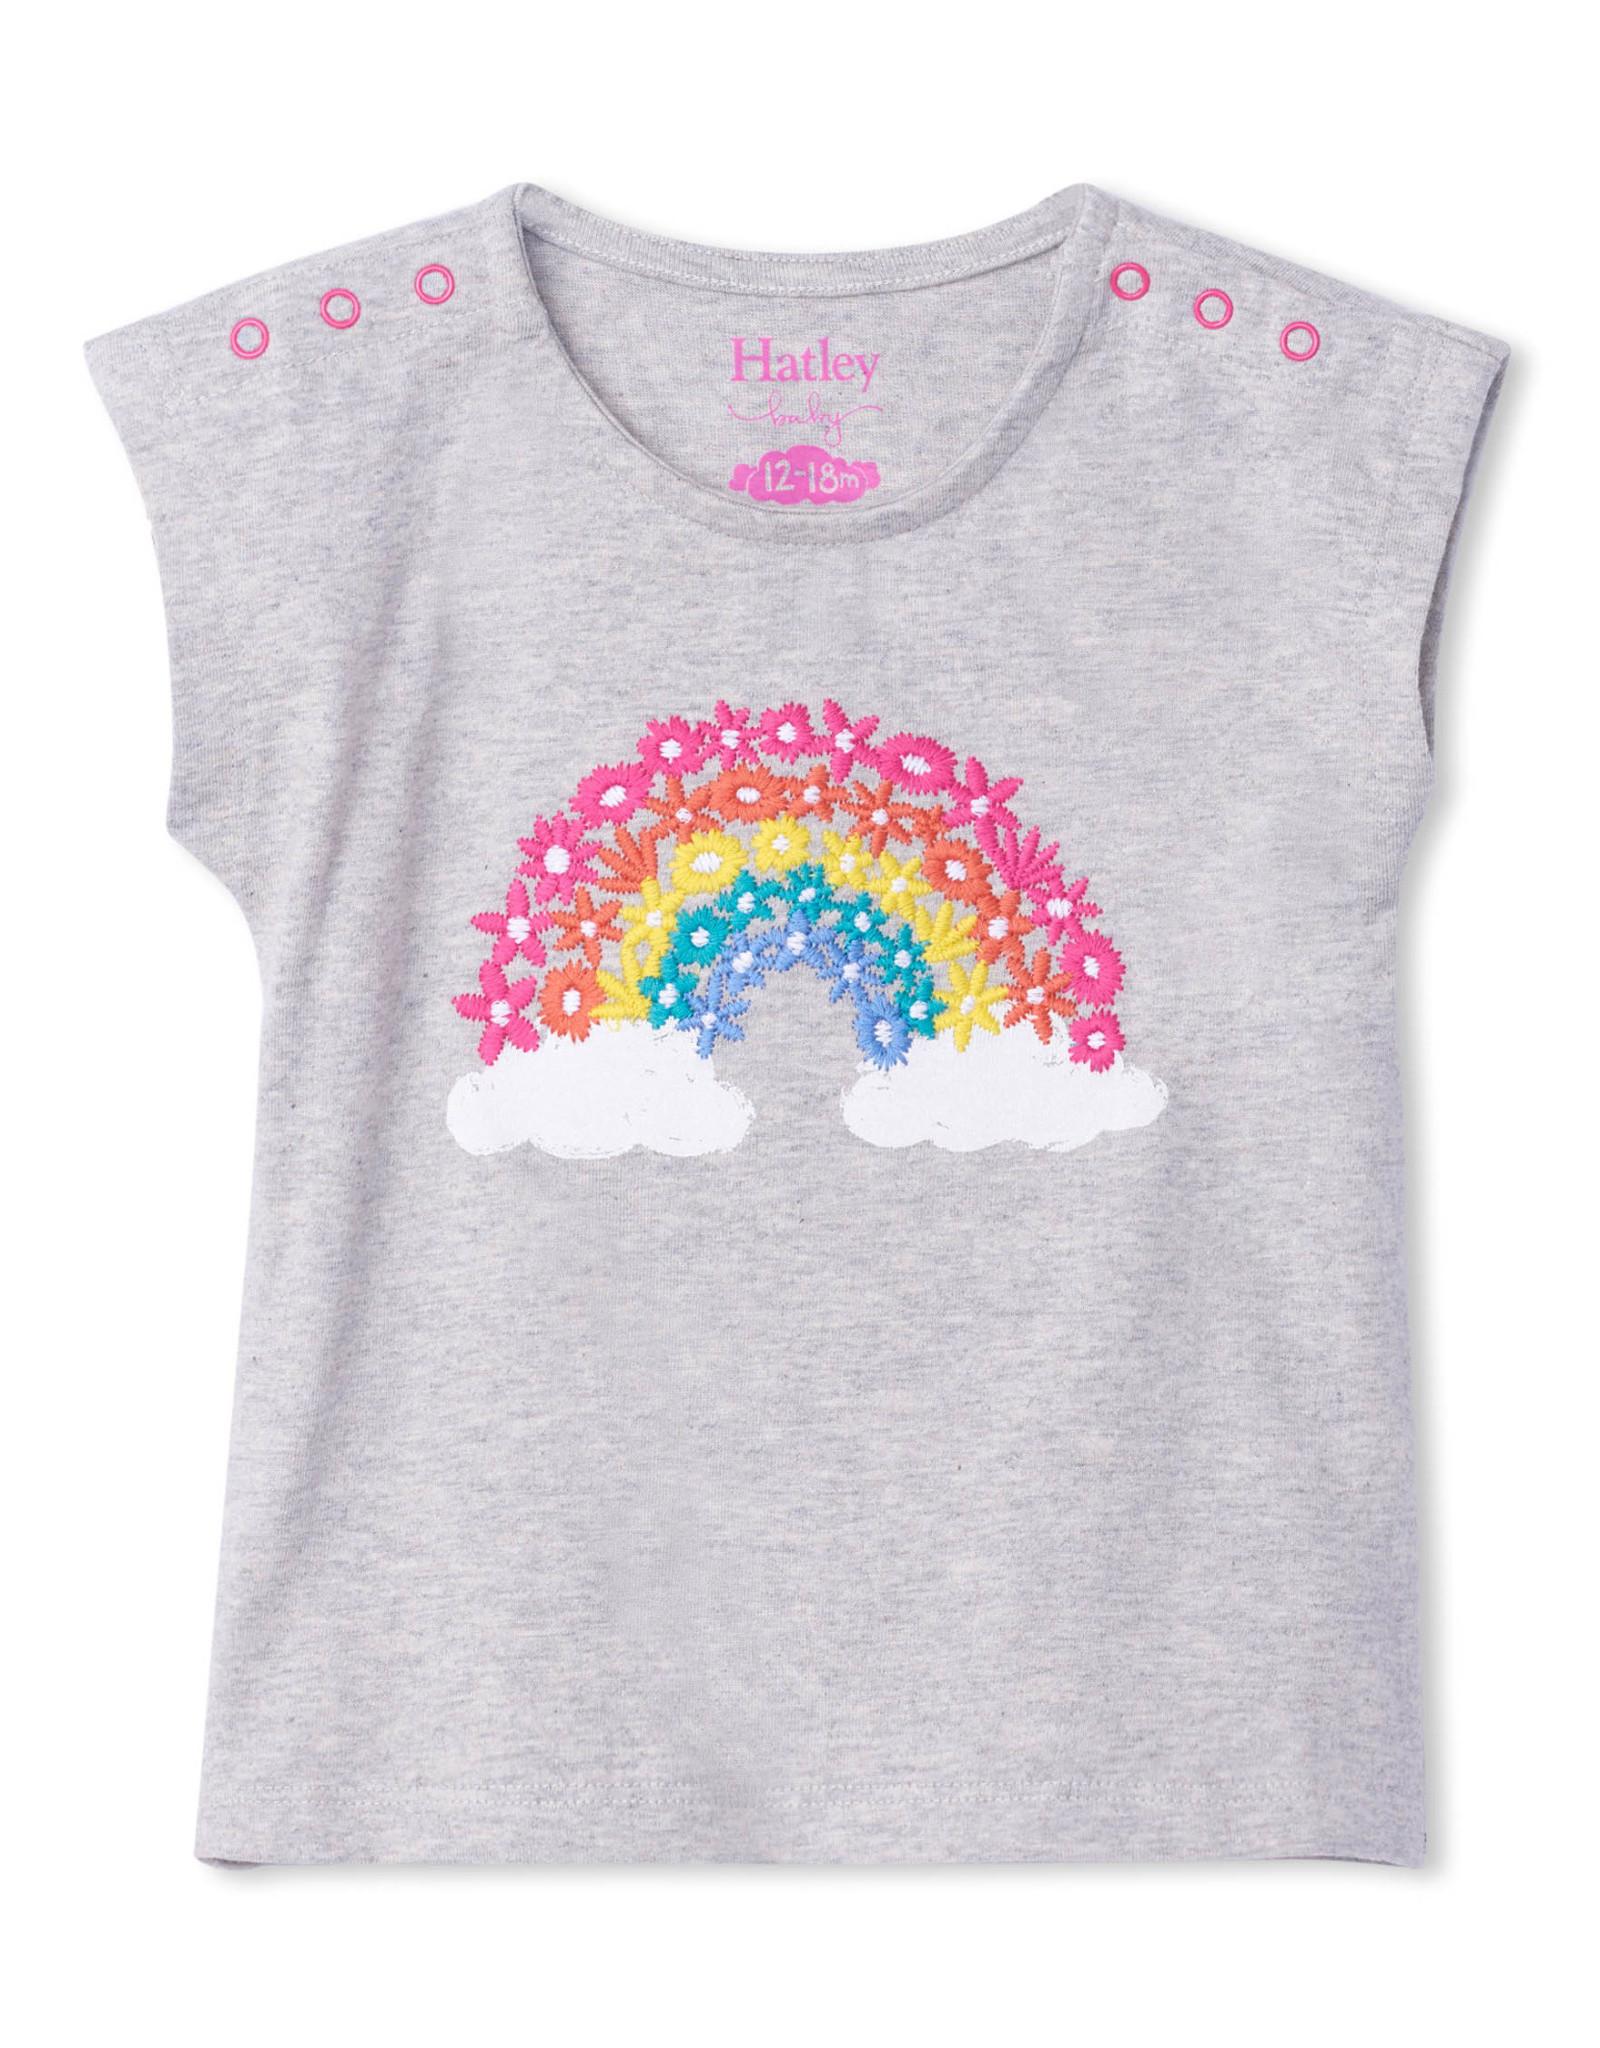 Hatley Magical Rainbows Baby Tee